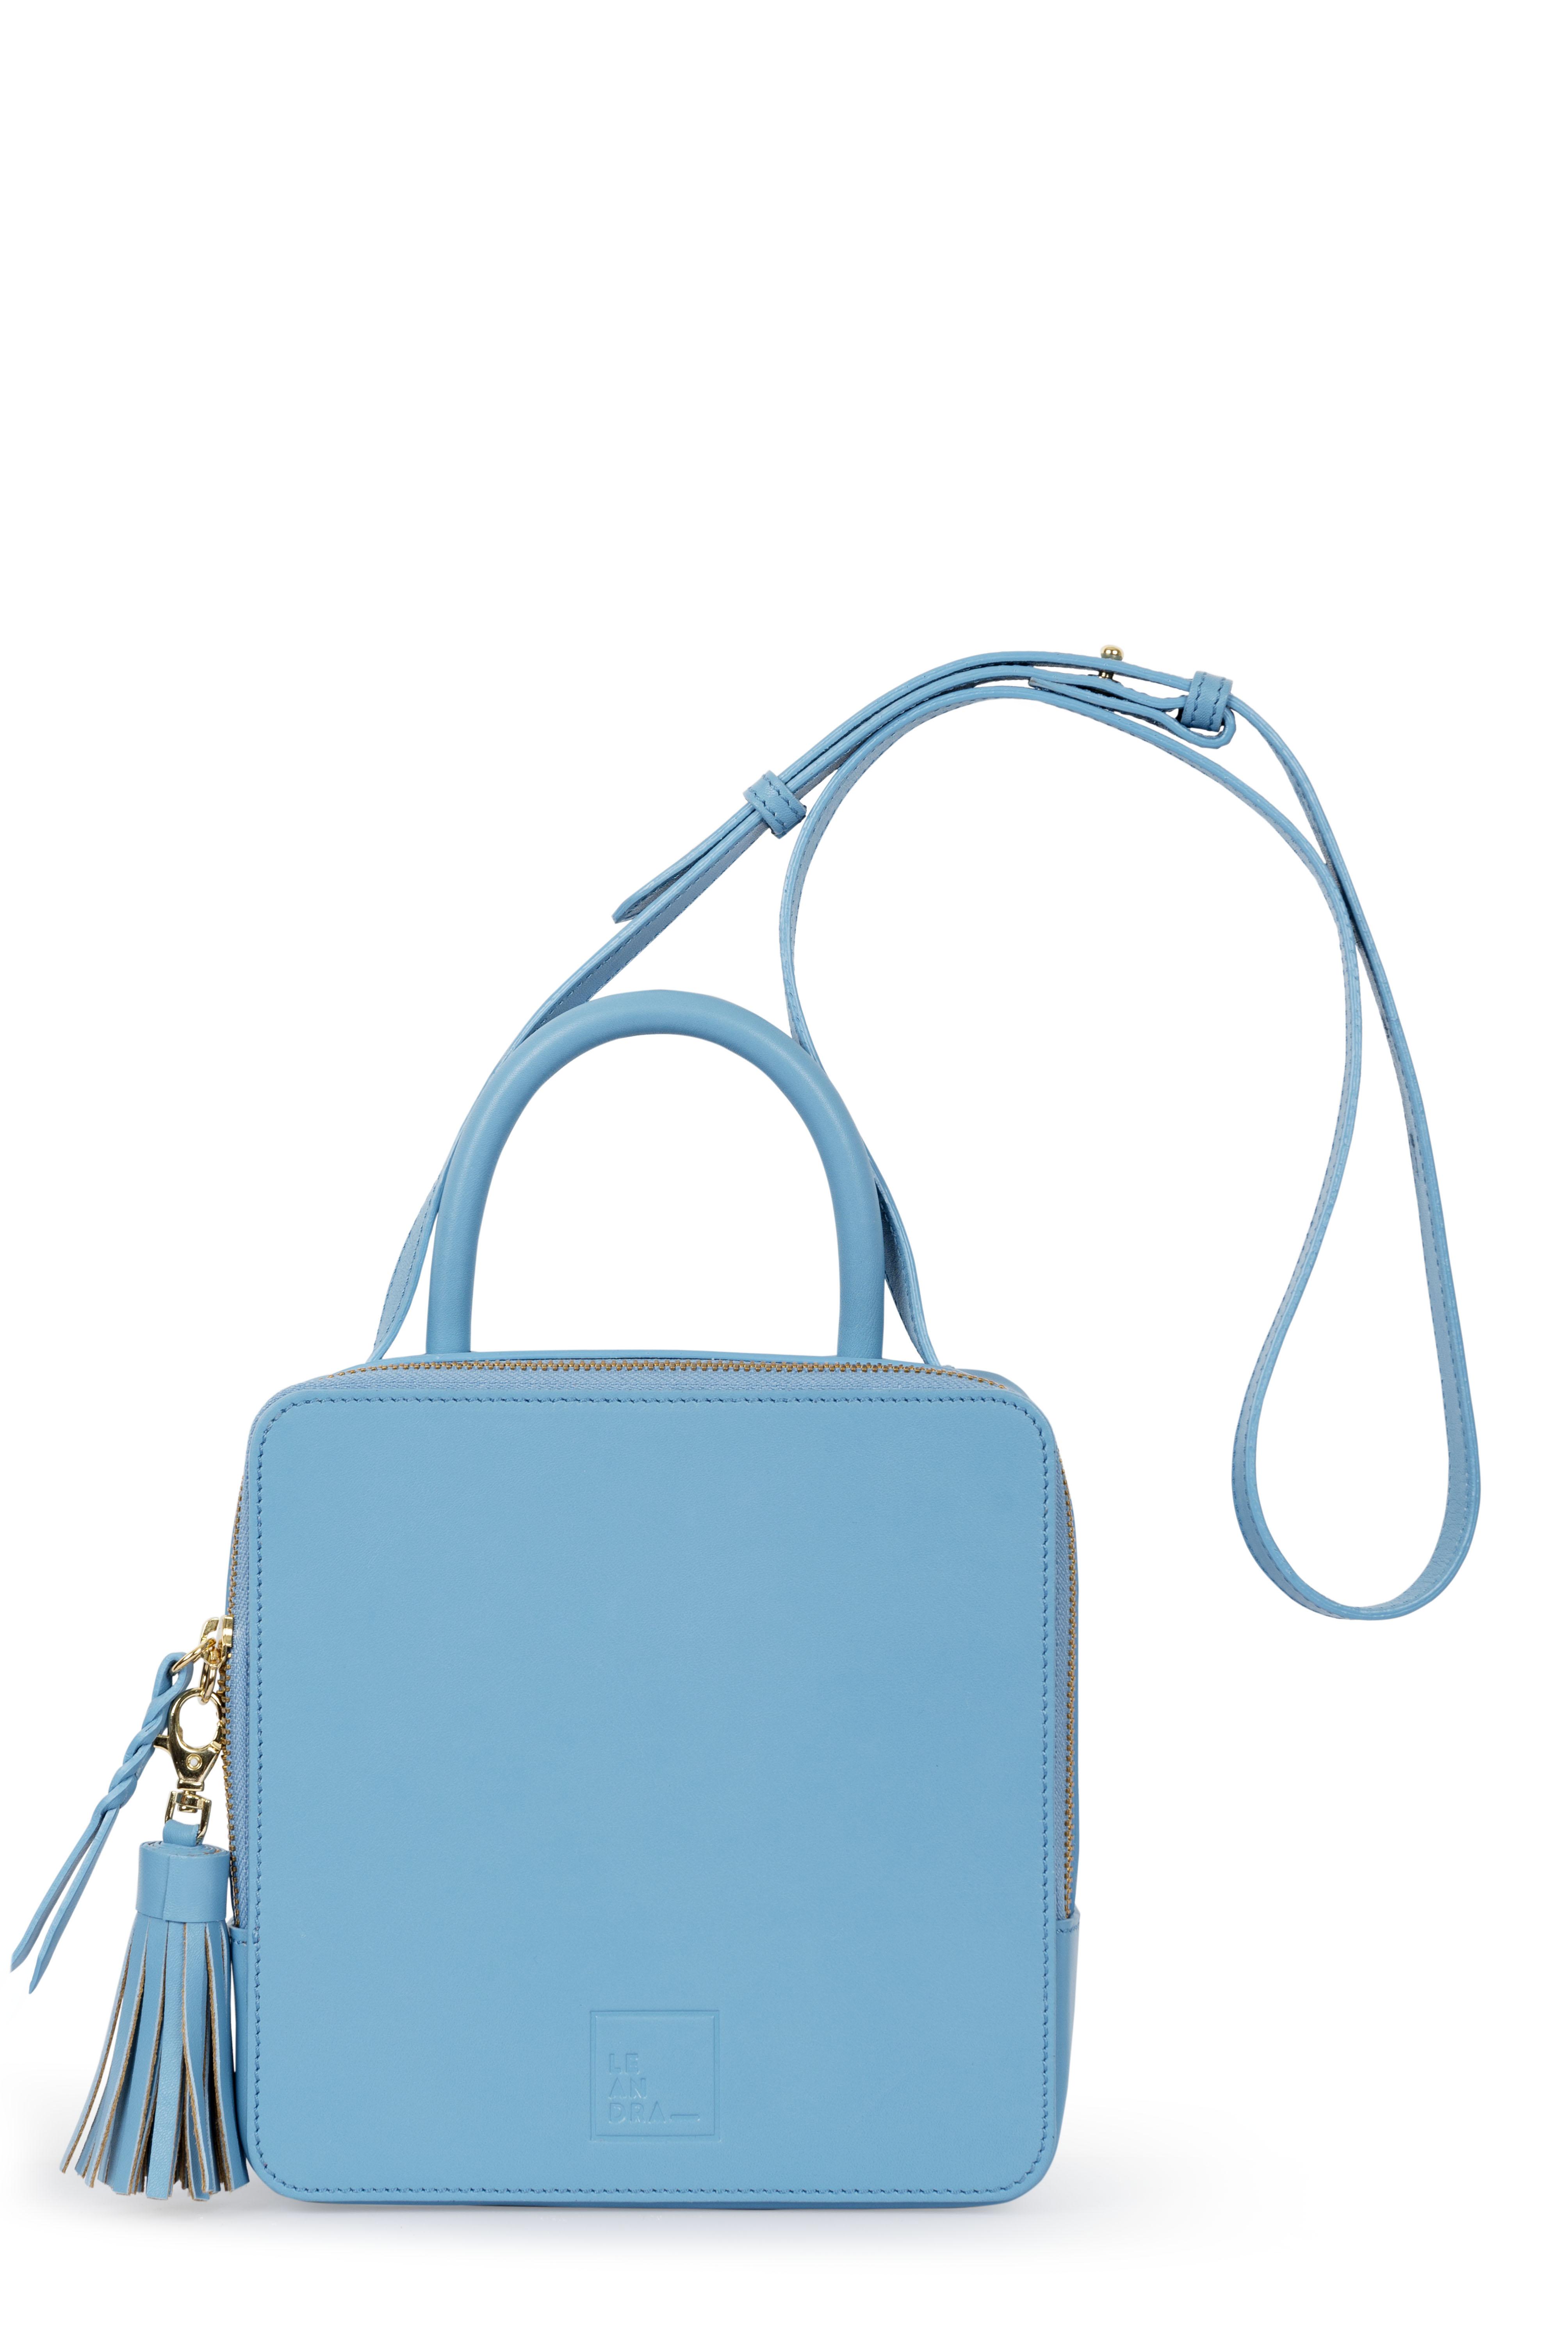 Bolso de mano de mujer Leandra de piel color azul